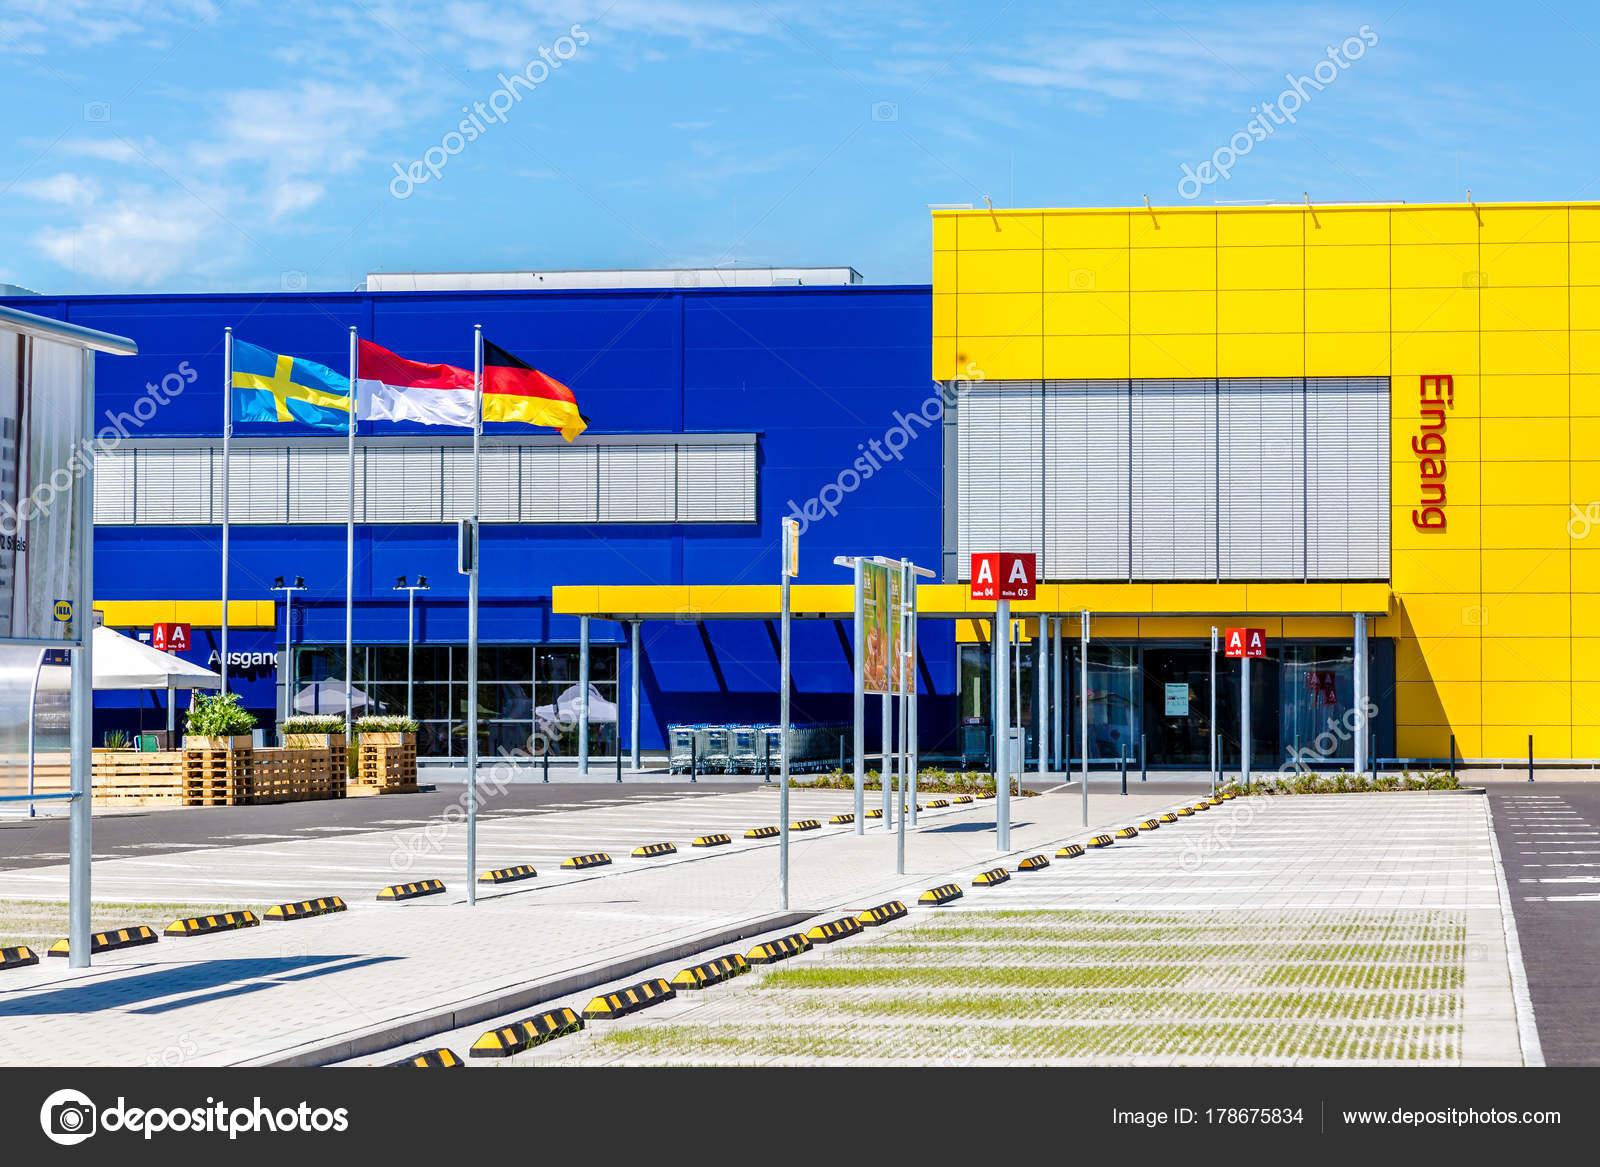 Ikea Einrichtungshaus Mit Parkplatz Redaktionelles Stockfoto